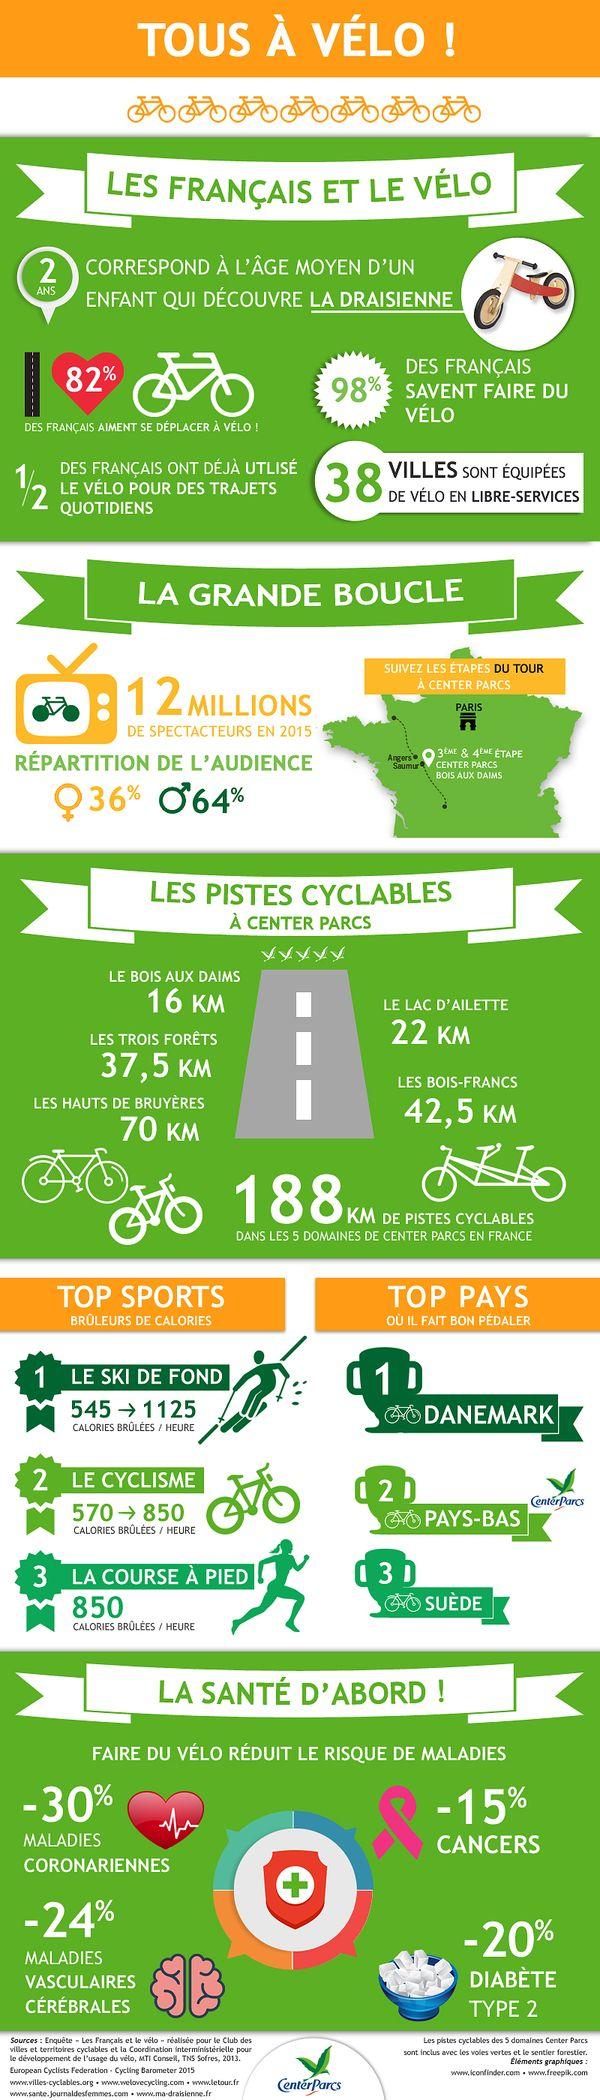 Tout savoir sur les Français et le vélo avec Center Parcs